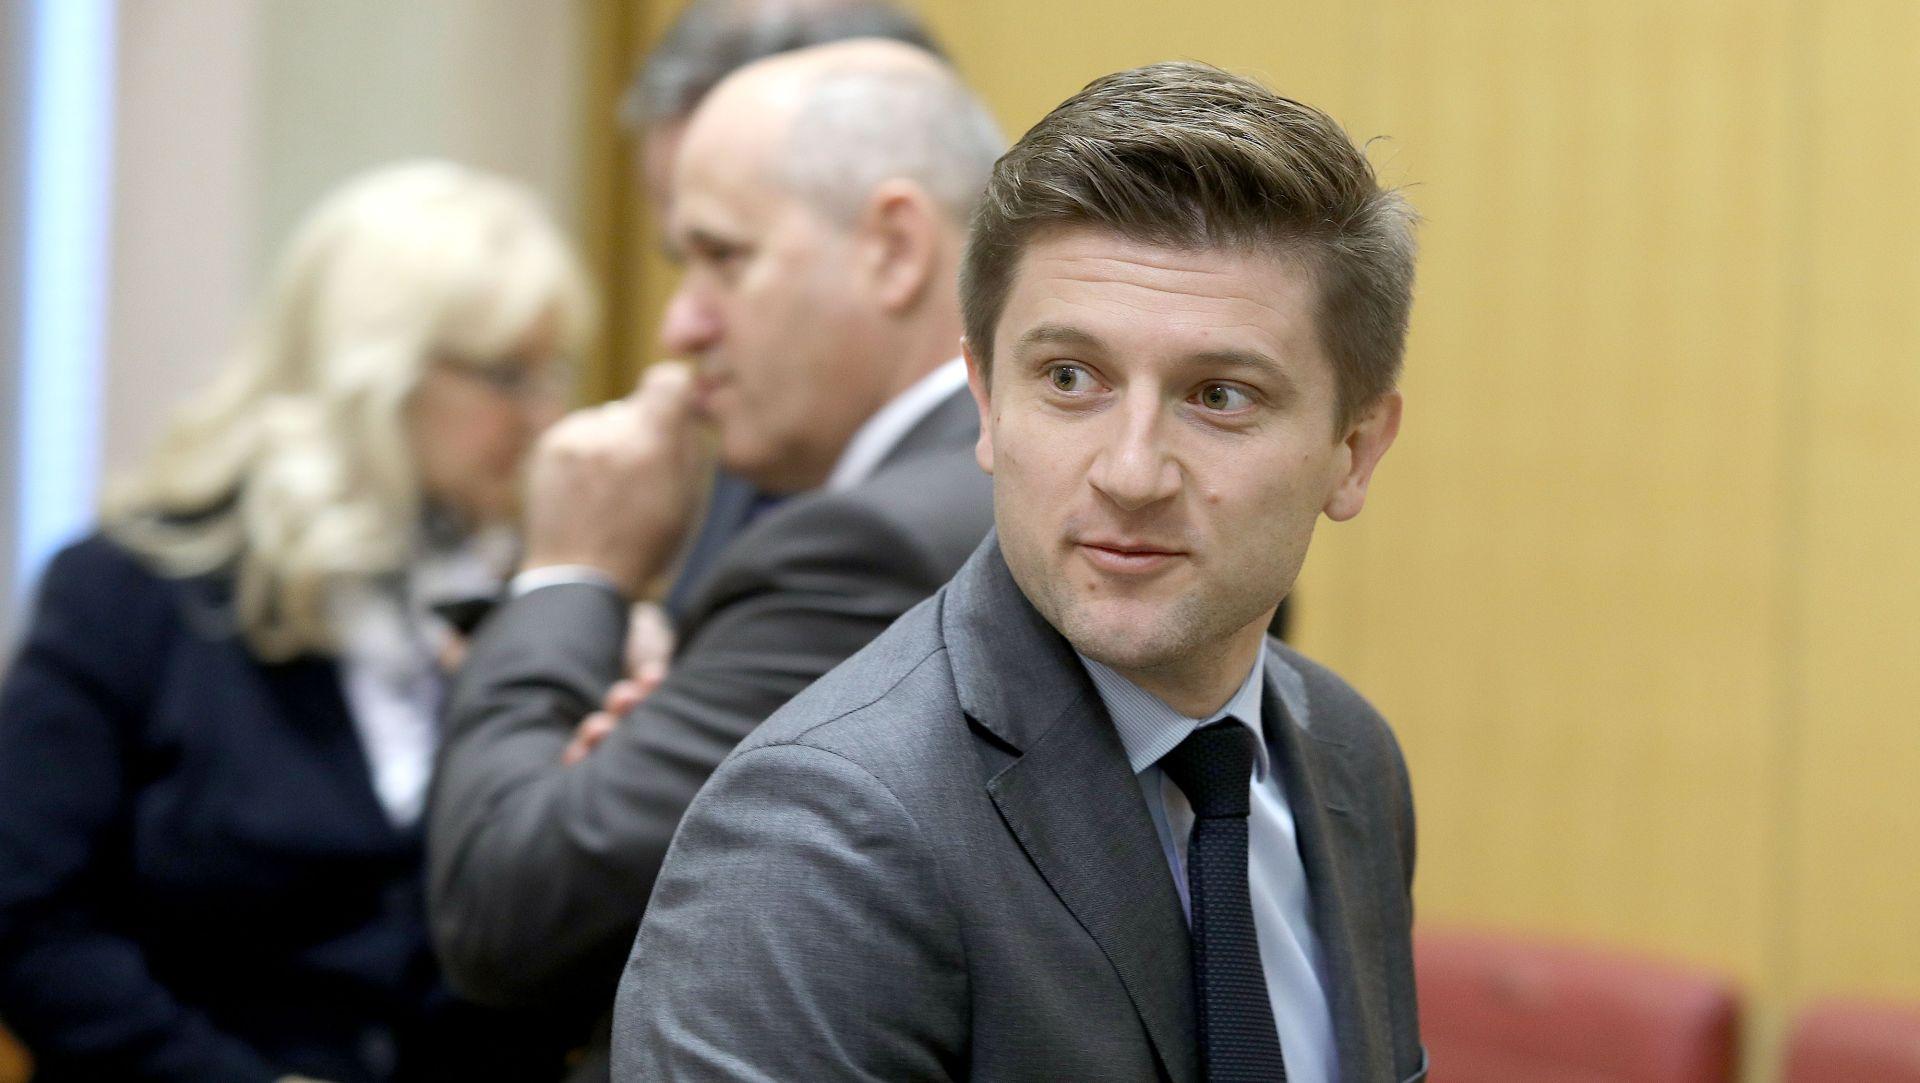 Koordinacija ugostitelja demantira ministra financija: 'Marić ili nije kompetentan ili je zlonamjeran'